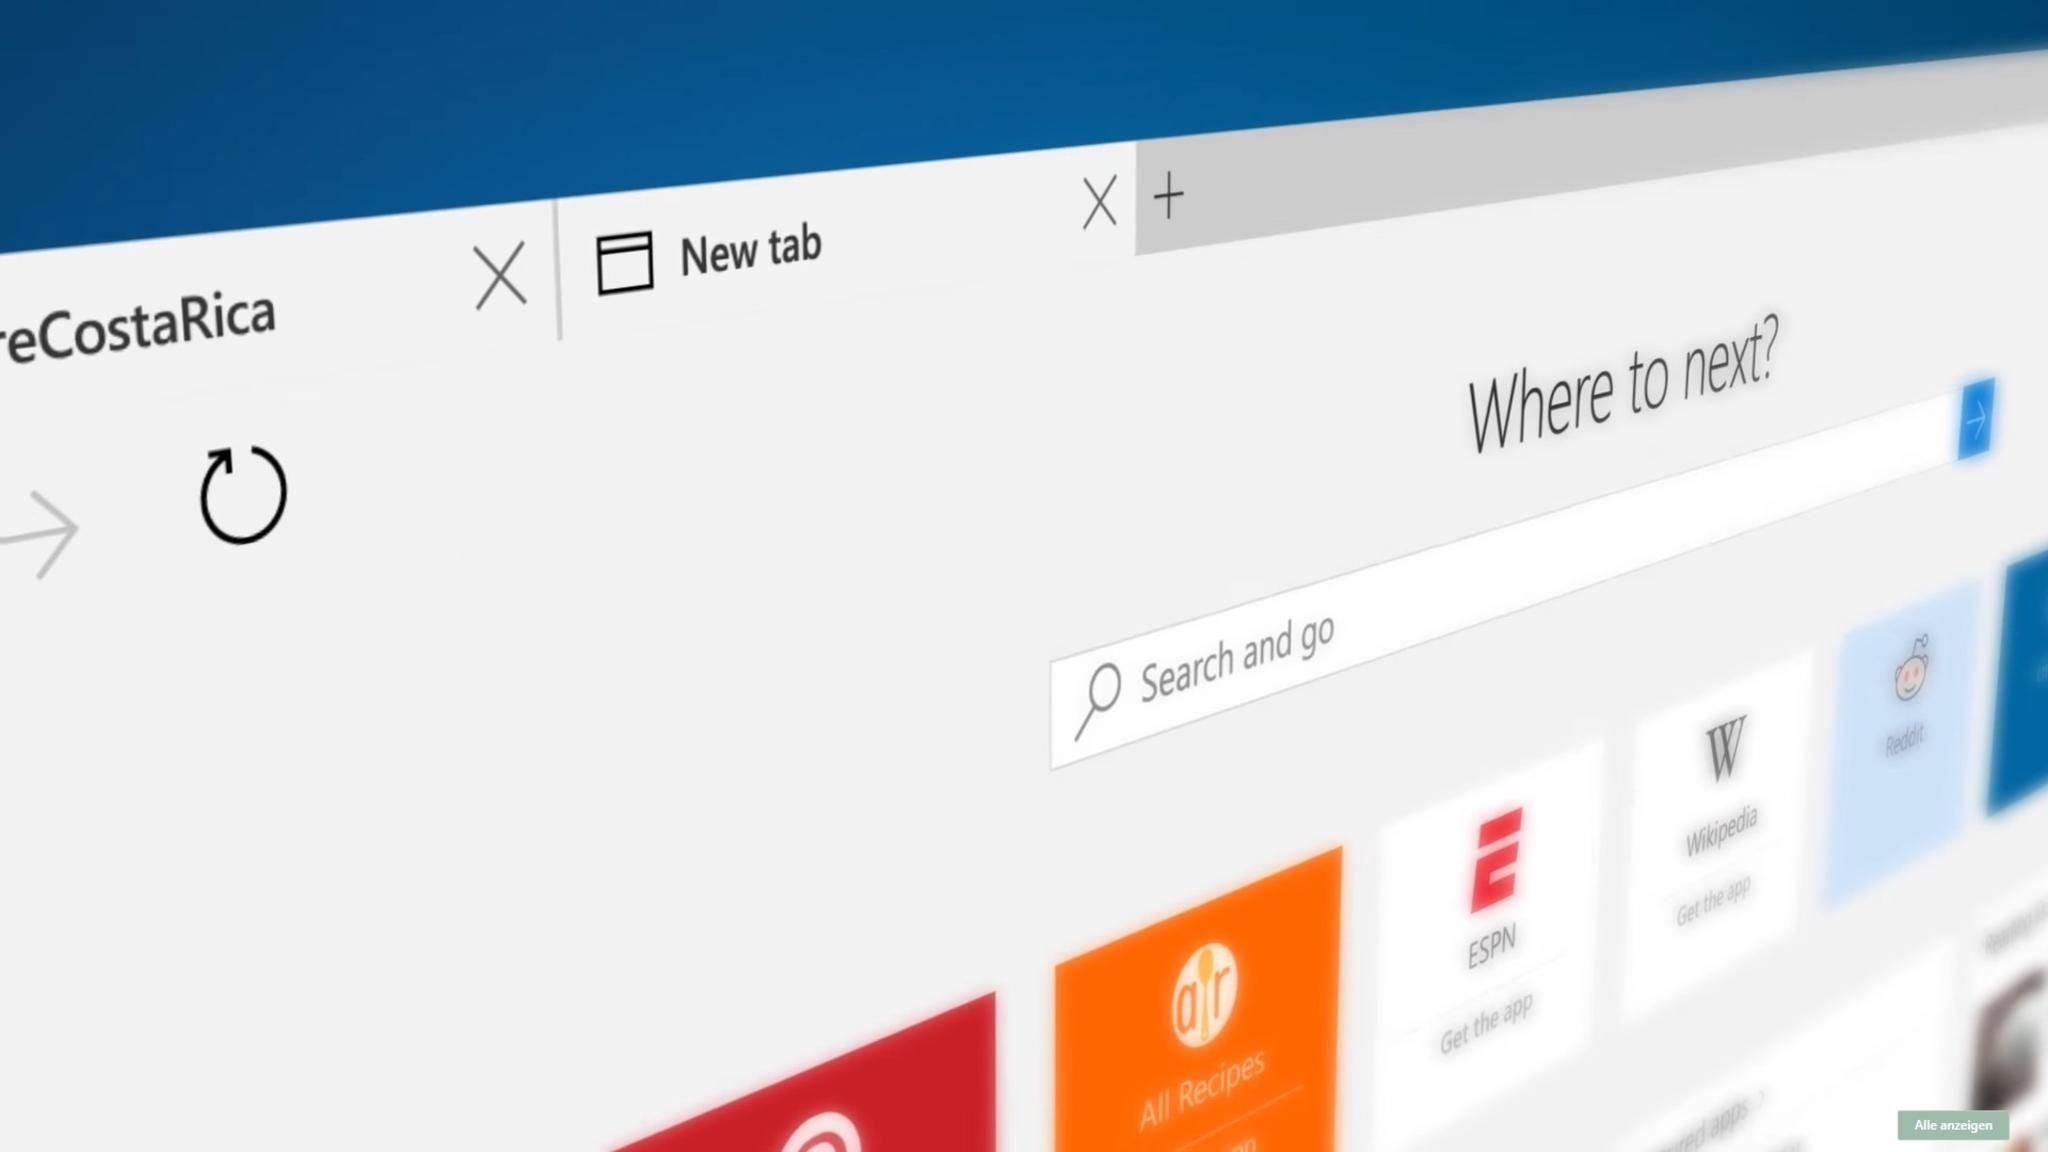 Microsoft stellt die Entwicklung von Edge ein. Nachfolger soll ein Browser werden, der auf Chromium basiert.